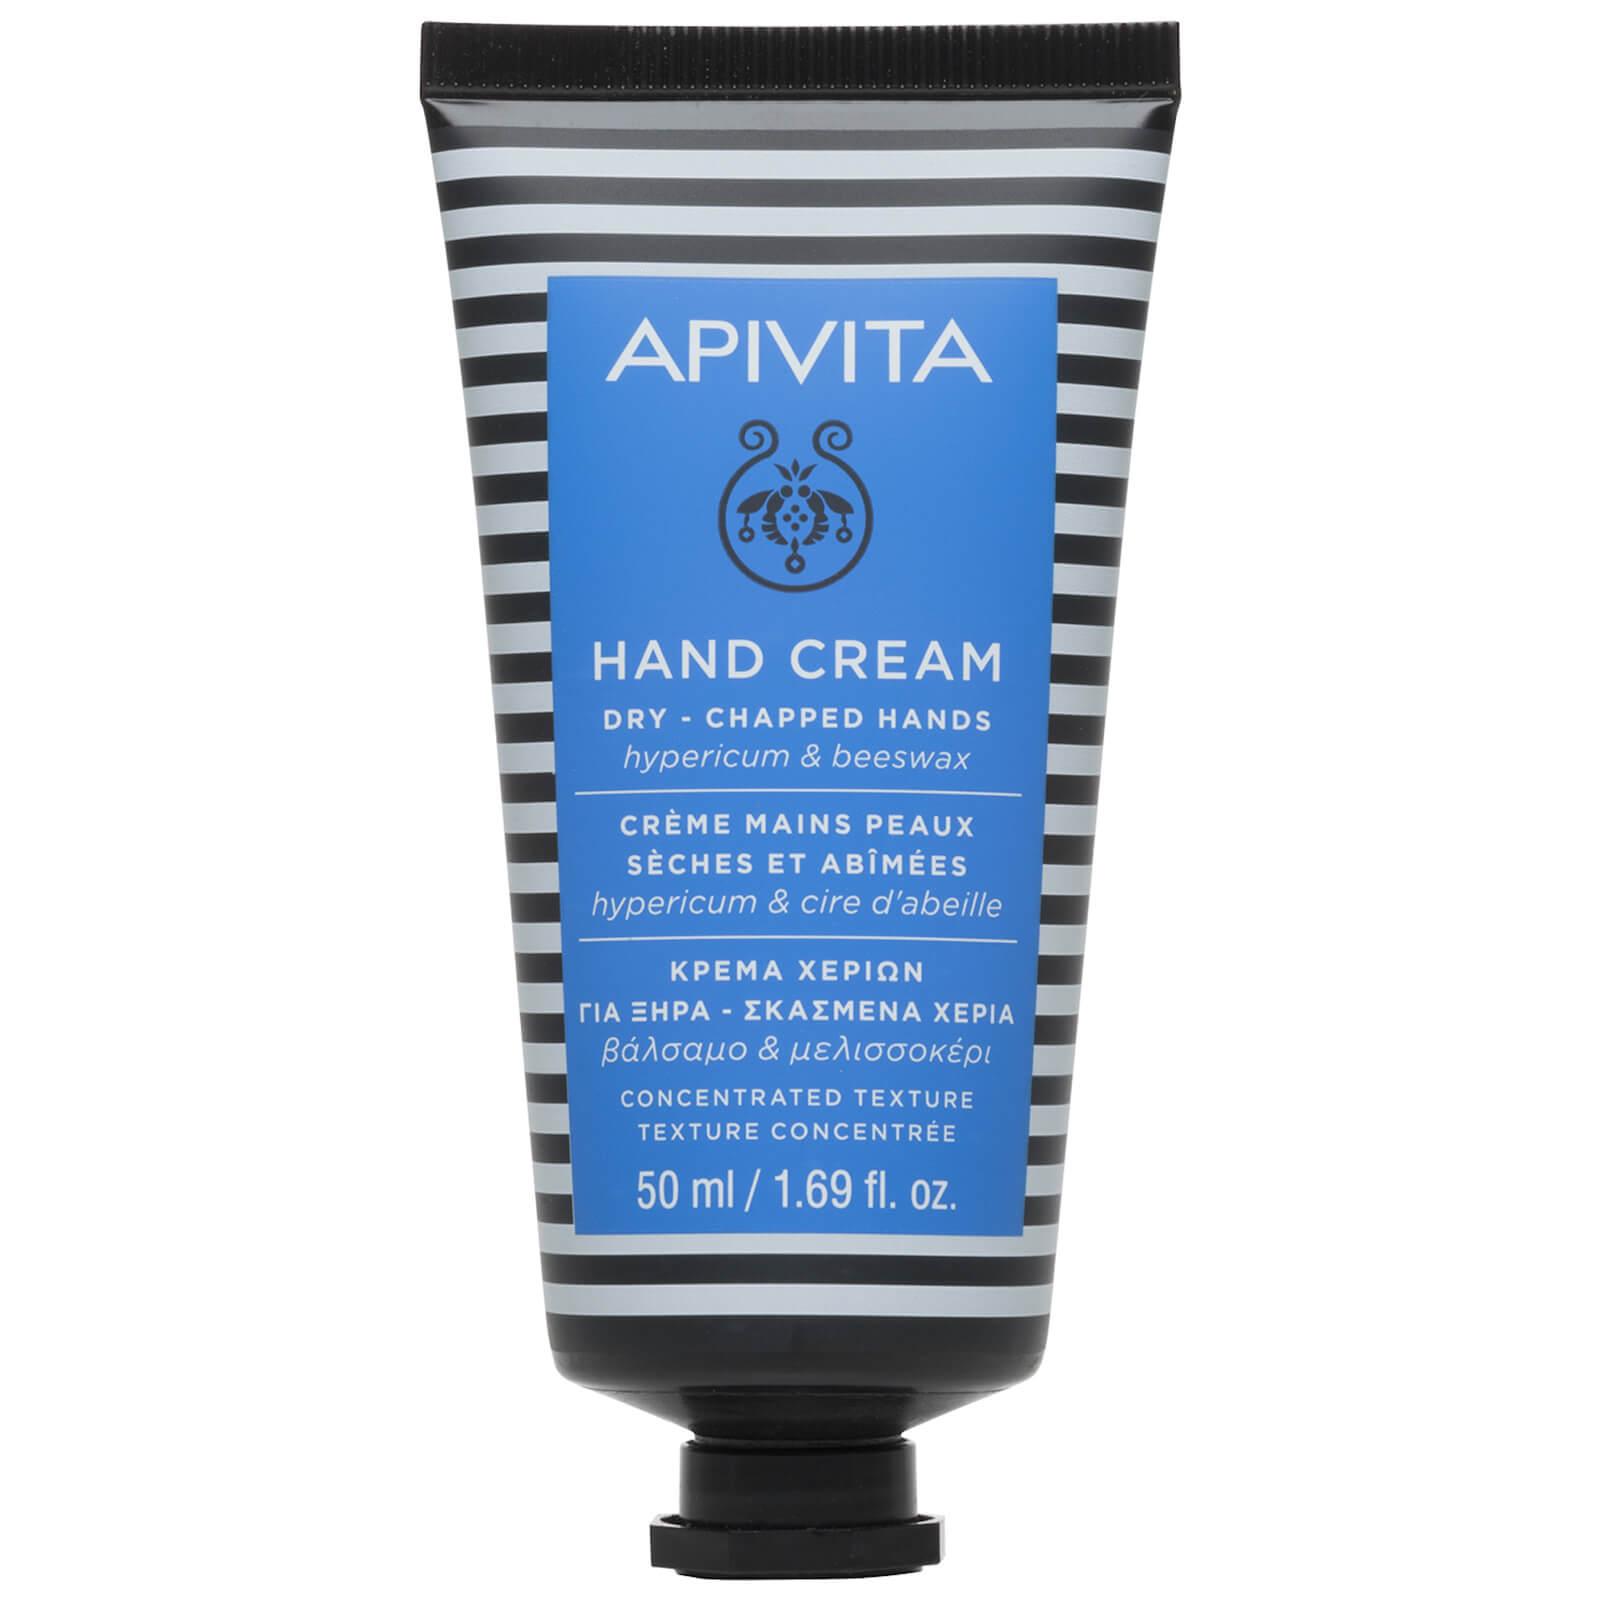 Купить Крем для сухой, обветрившейся кожи рук APIVITA Hand Care Hand Cream for Dry Chapped Hands - Hypericum & Beeswax 50 мл